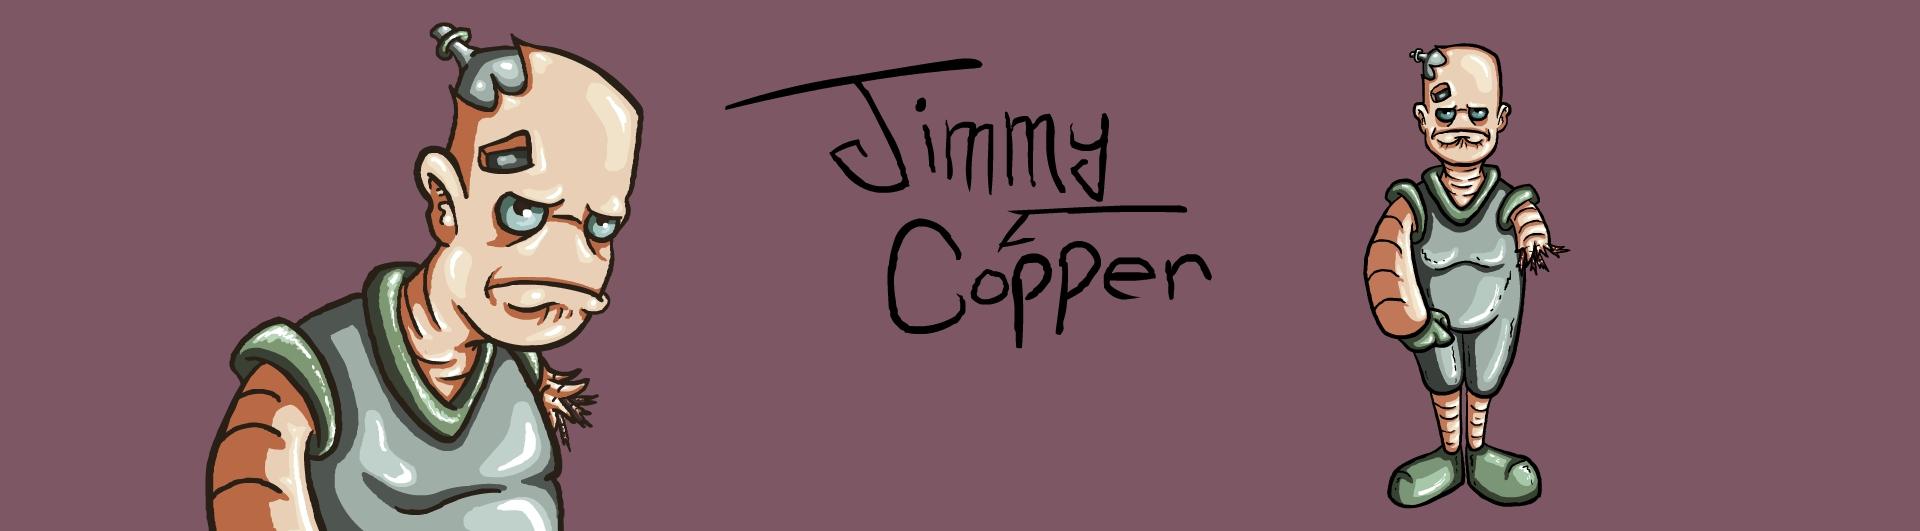 Jimmy Copper